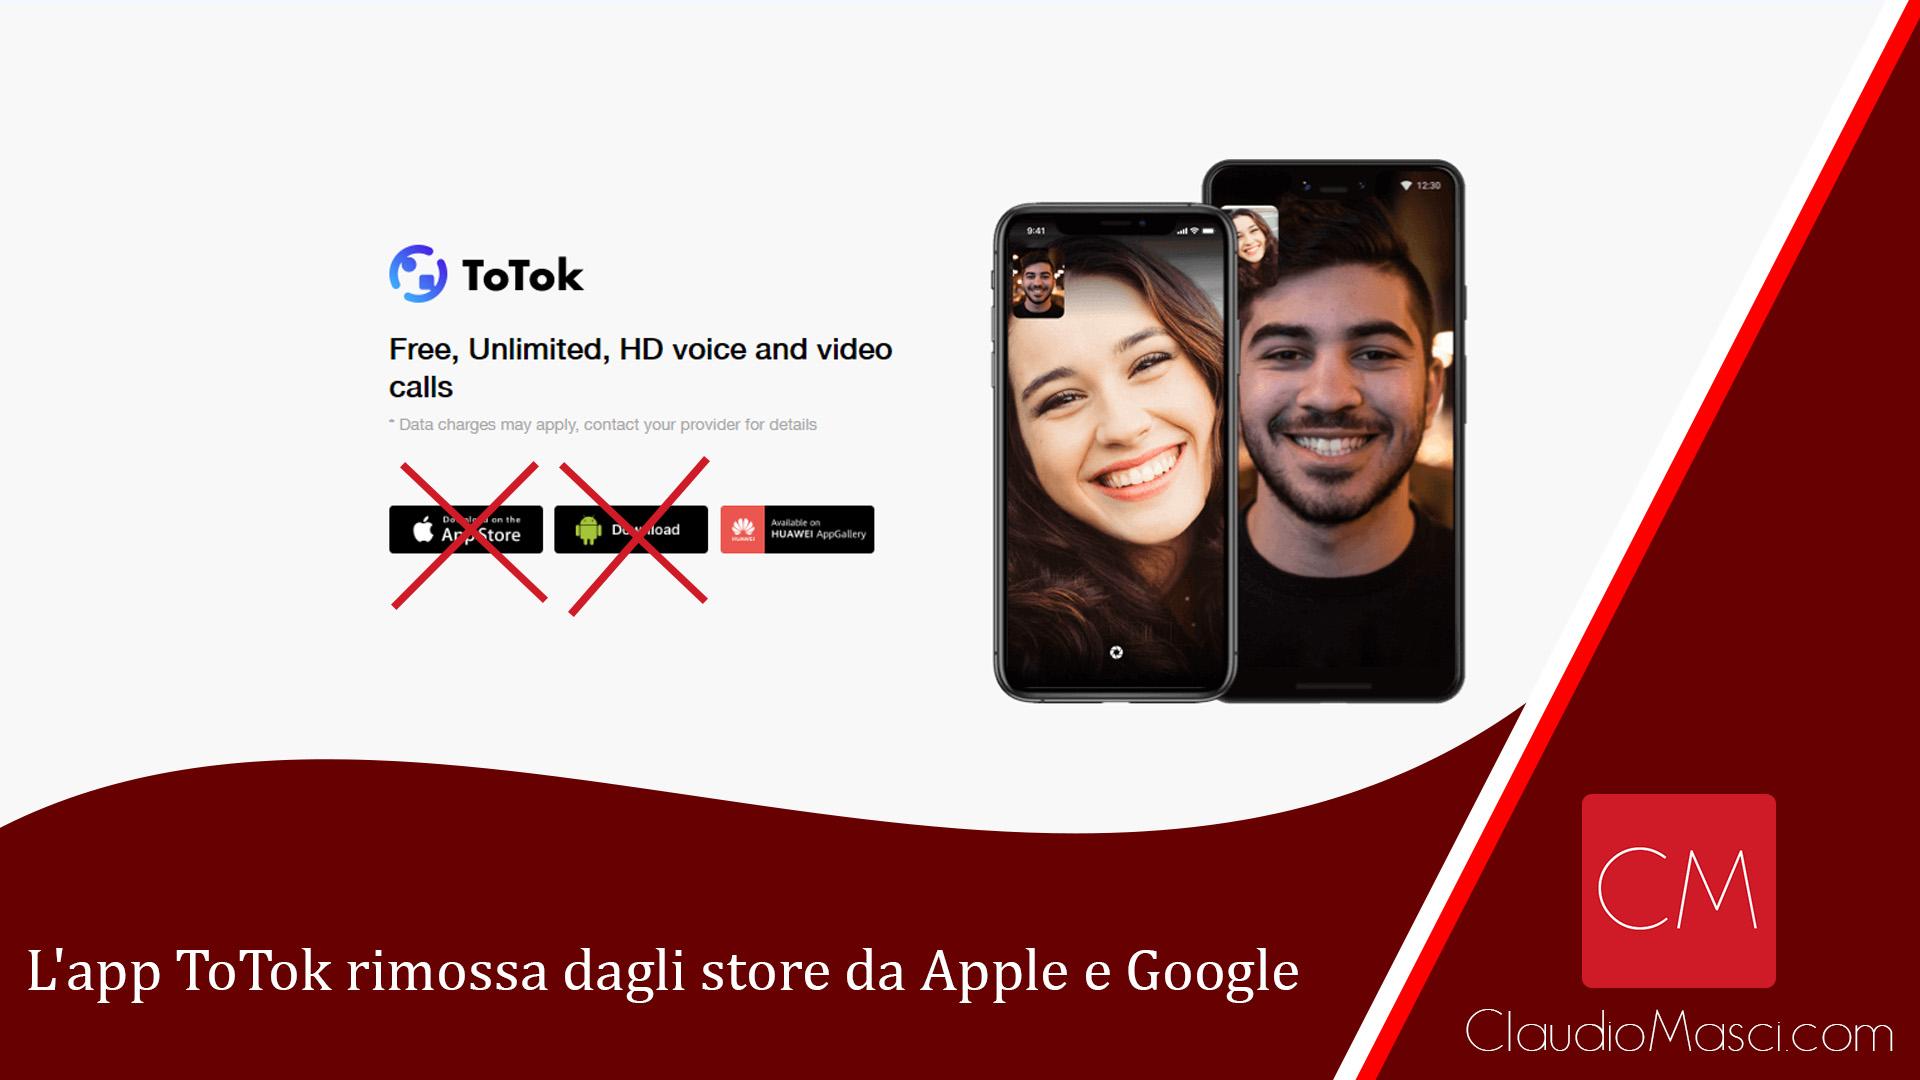 L'app ToTok rimossa dagli store da Apple e Google